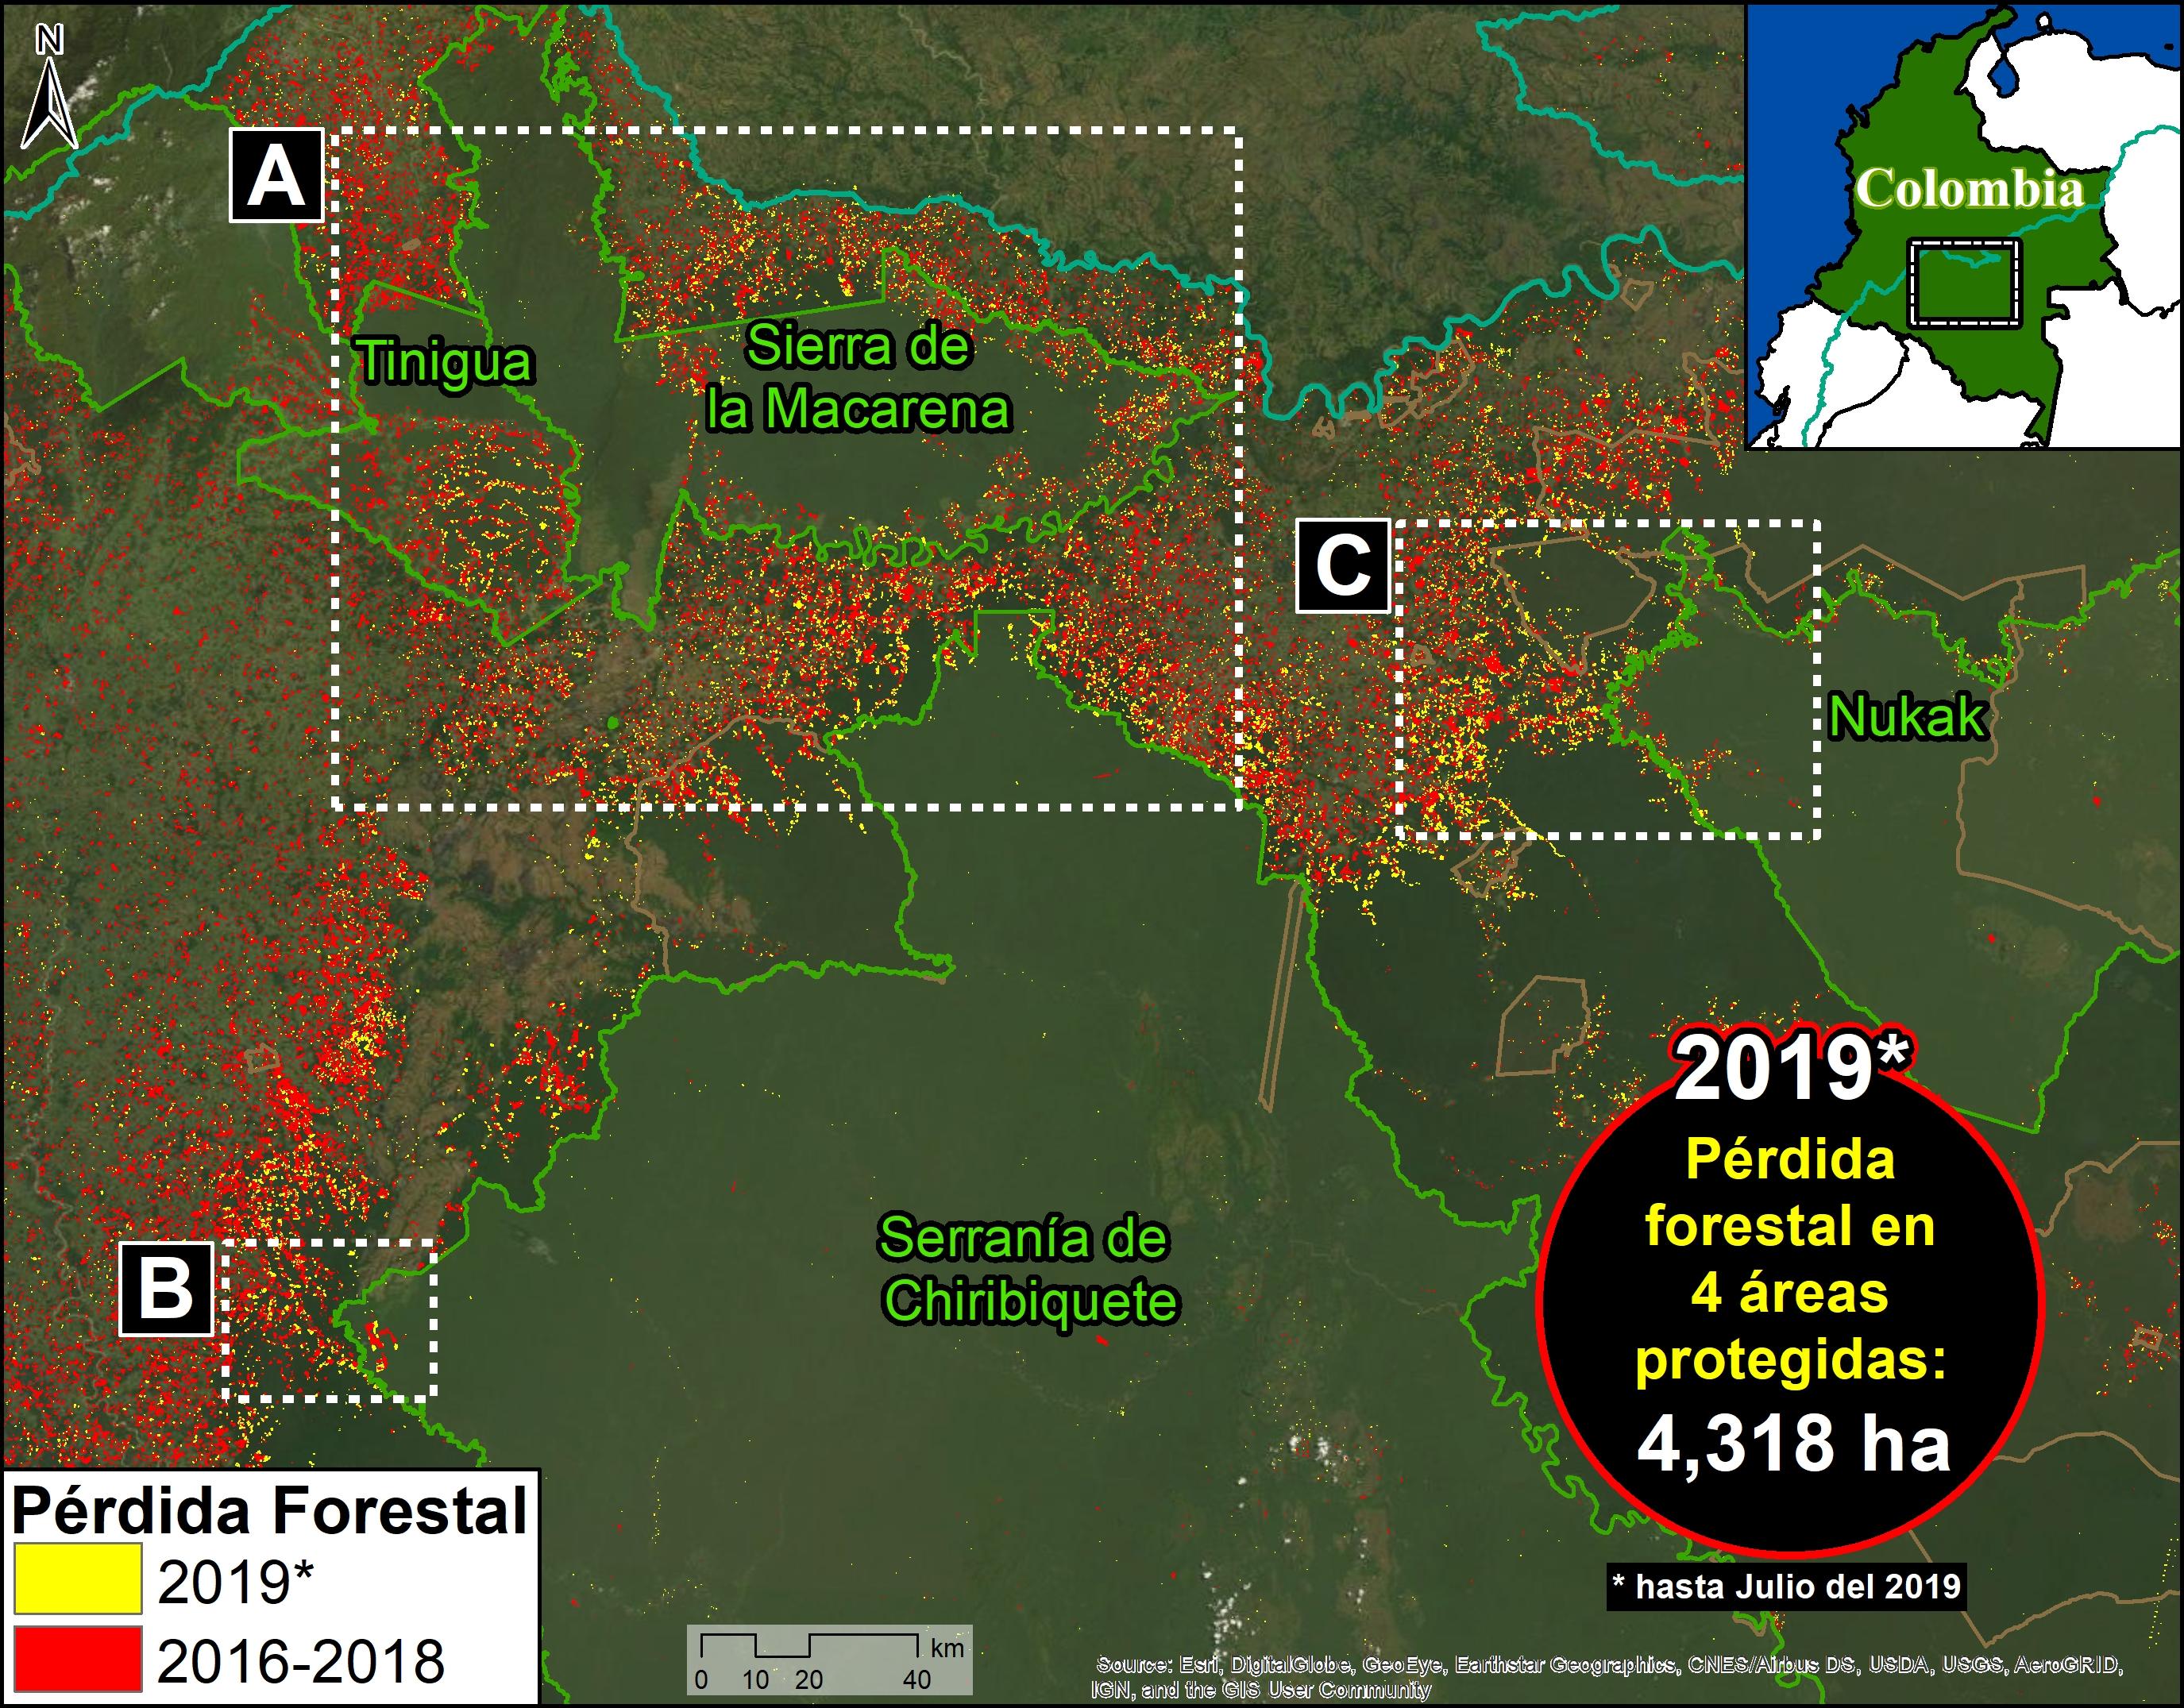 Deforestación parque Tinigua. Mapa de Deforestación en Áreas Protegidas. Datos: UMD/GLAD, Hansen/UMD/Google/USGS/NASA, RUNAP, RAISG